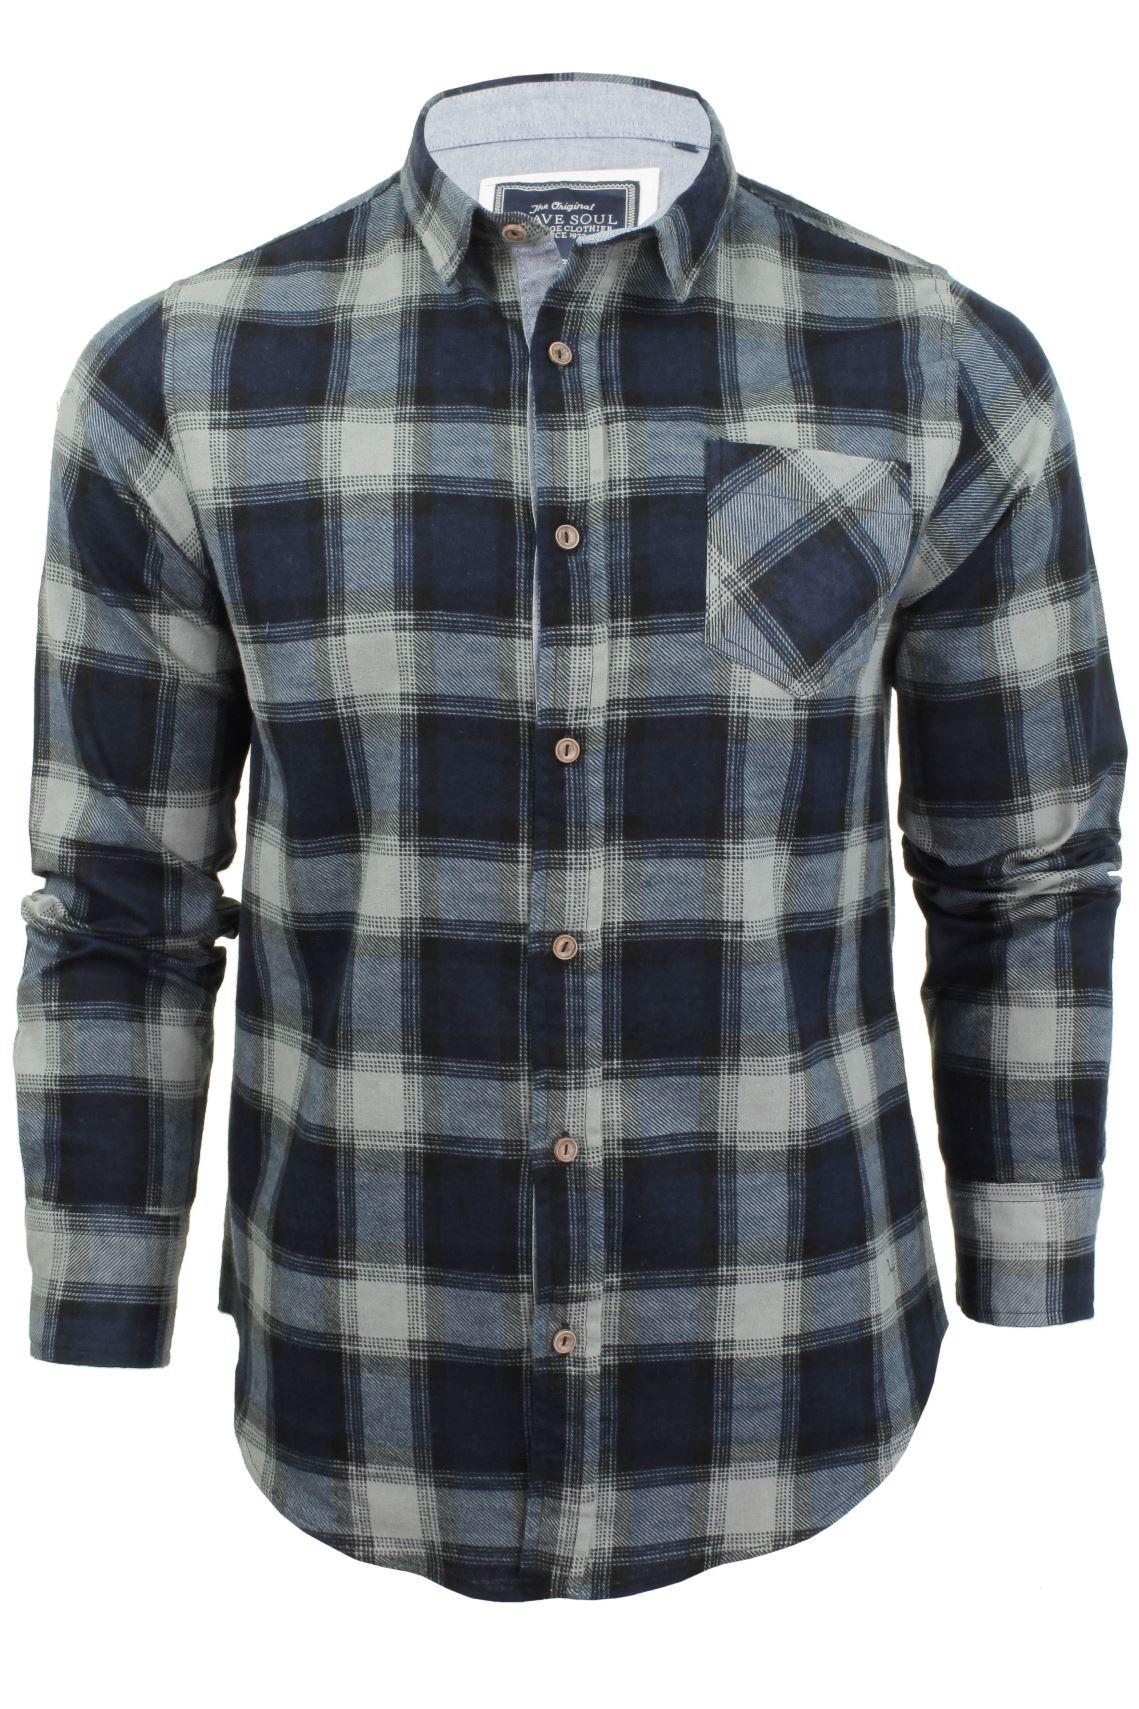 Brave Soul Brushed Flannel Check Cotton Jack Shirt Long Sleeved   eBay